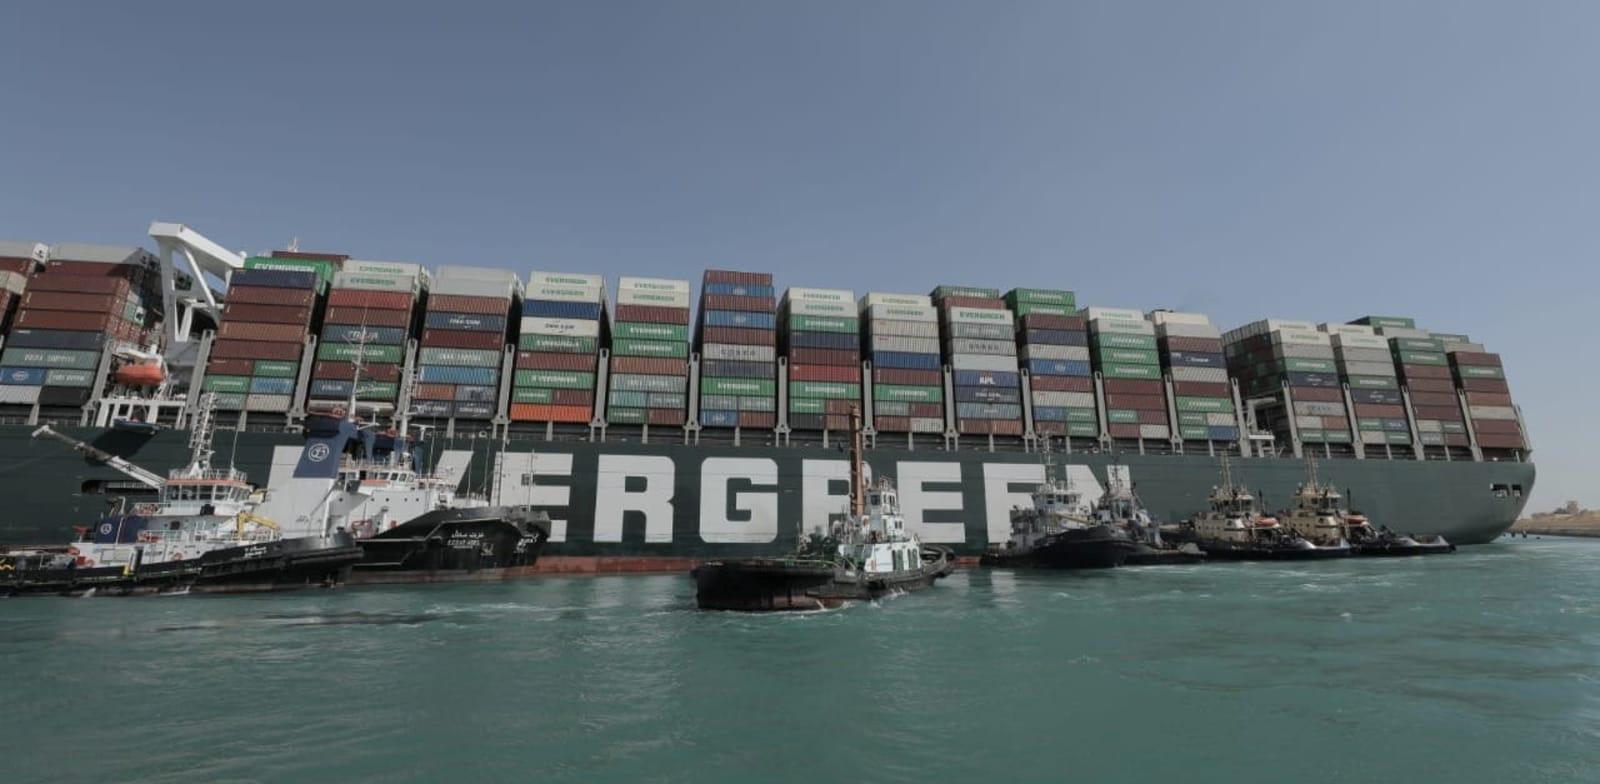 ספינת האבר גיבן תקועה בסואץ / צילום: Reuters, Suez Canal Authority